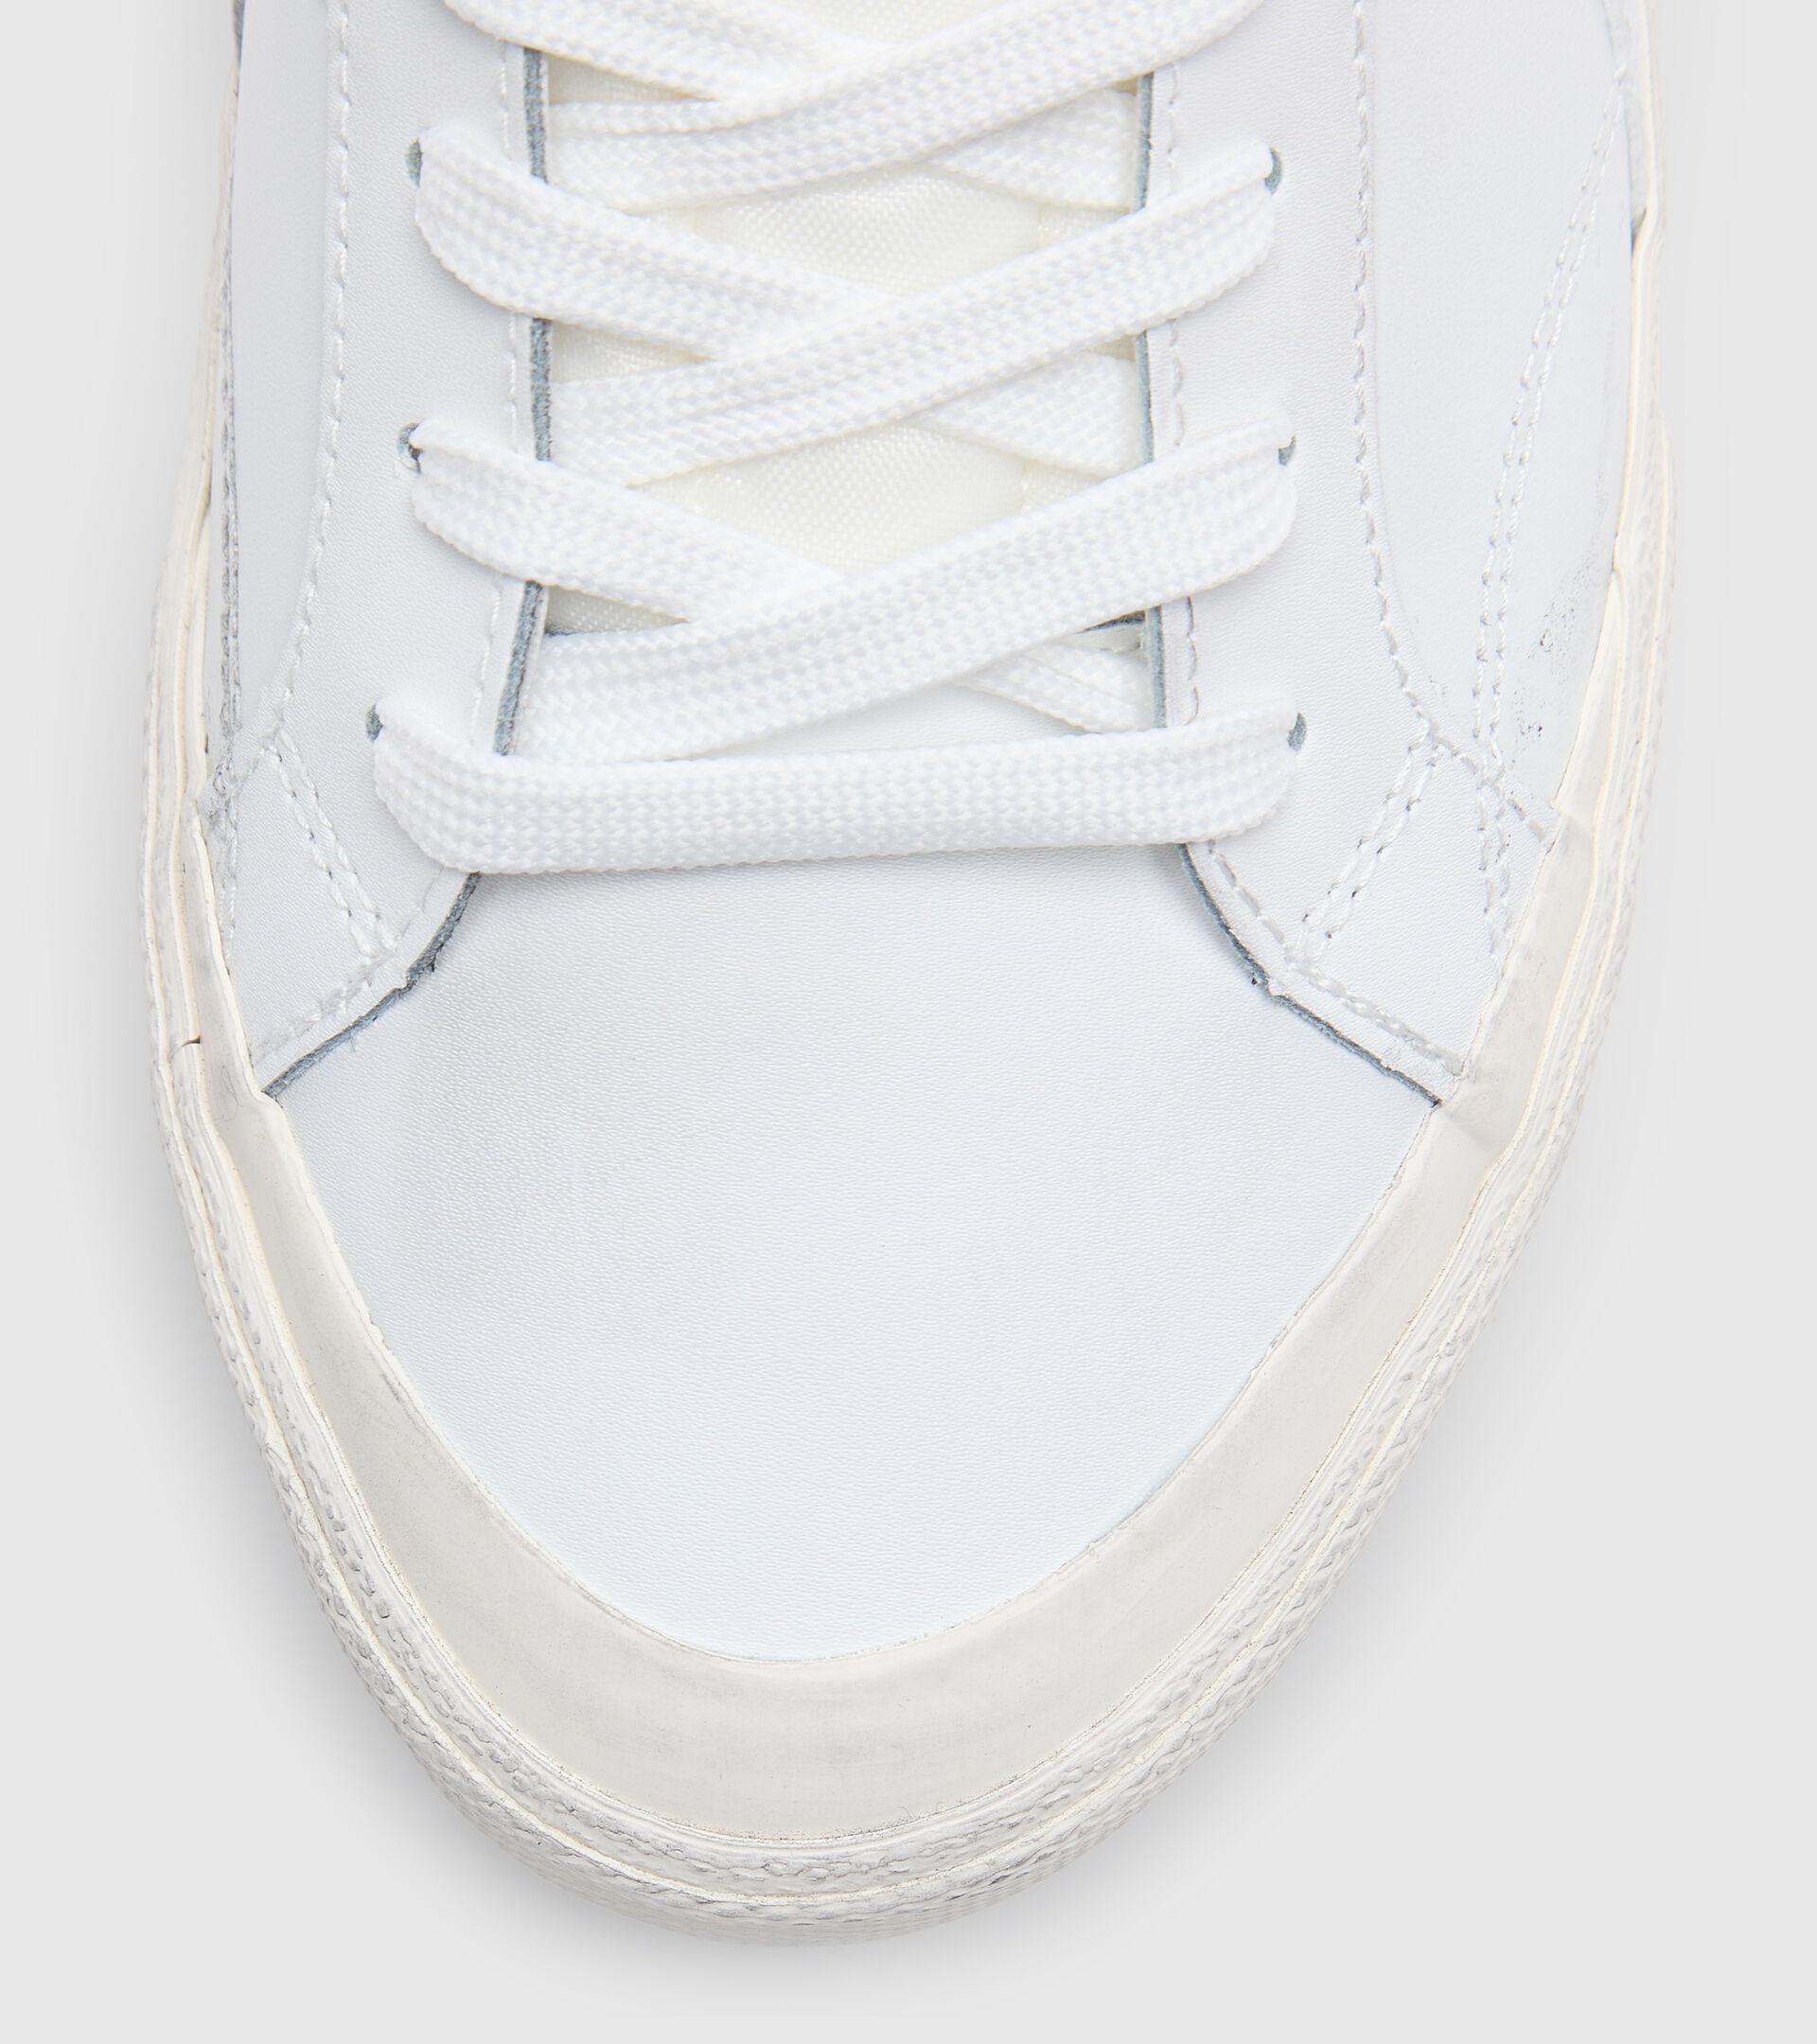 Sports shoe - Unisex MELODY LEATHER DIRTY WHITE/PEAS CREAM - Diadora